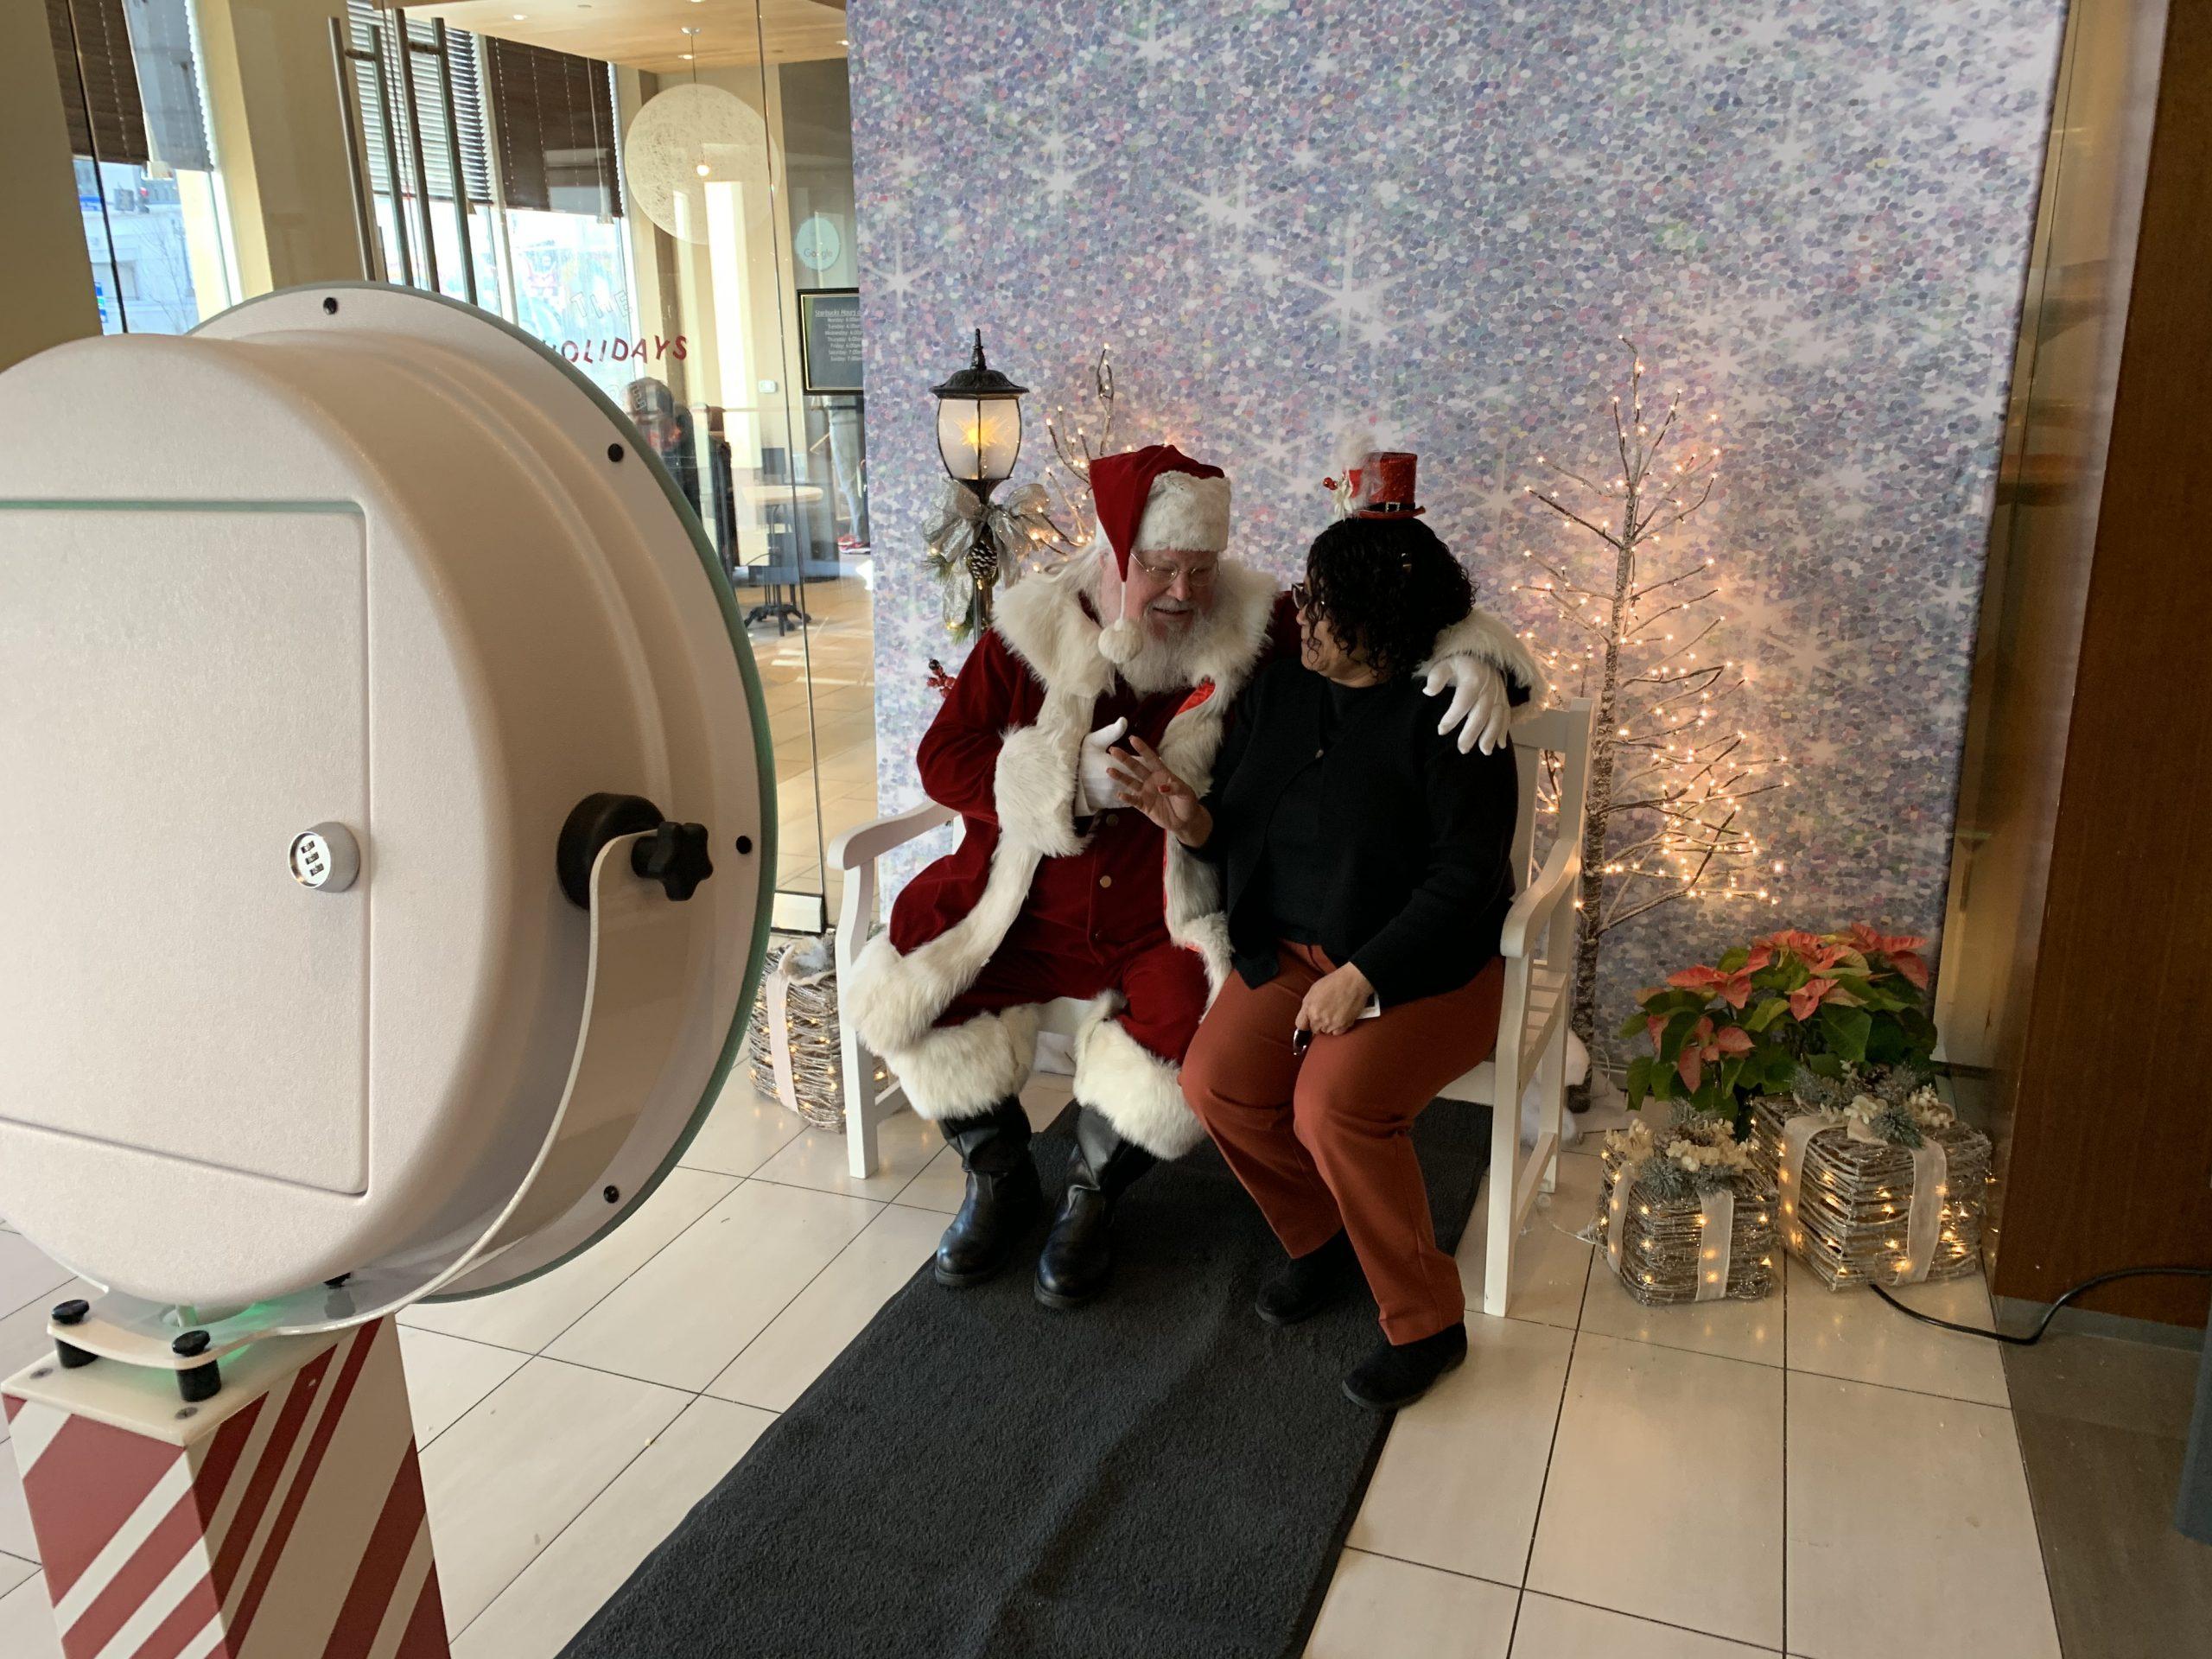 Holiday-Moxie-santa-glitter